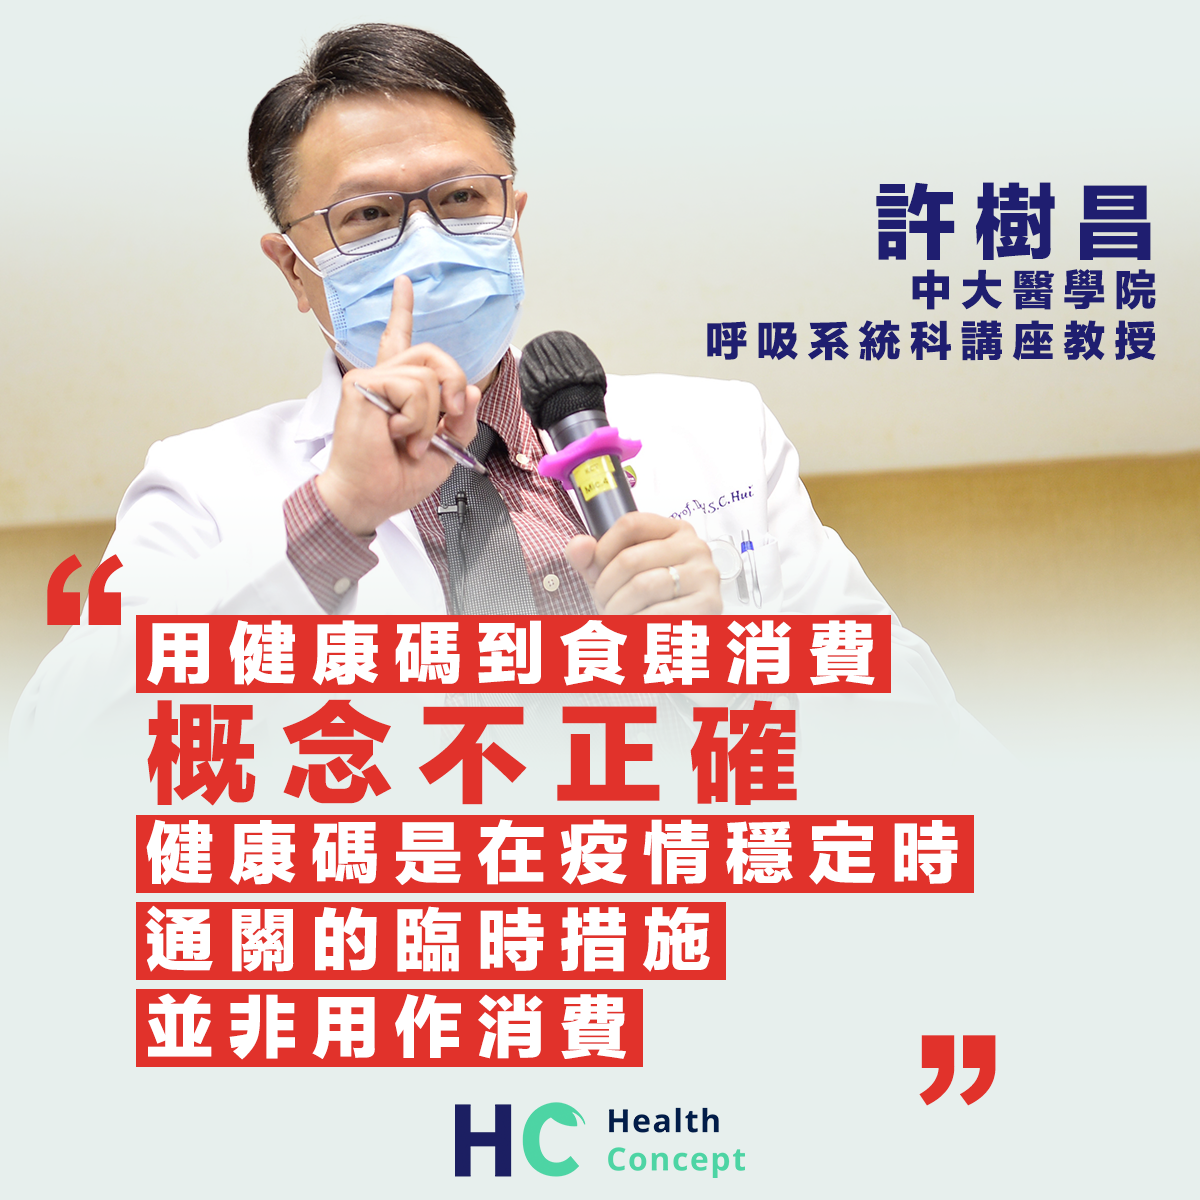 【新型肺炎】許樹昌:健康碼不適用公共地方消費 概念不正確